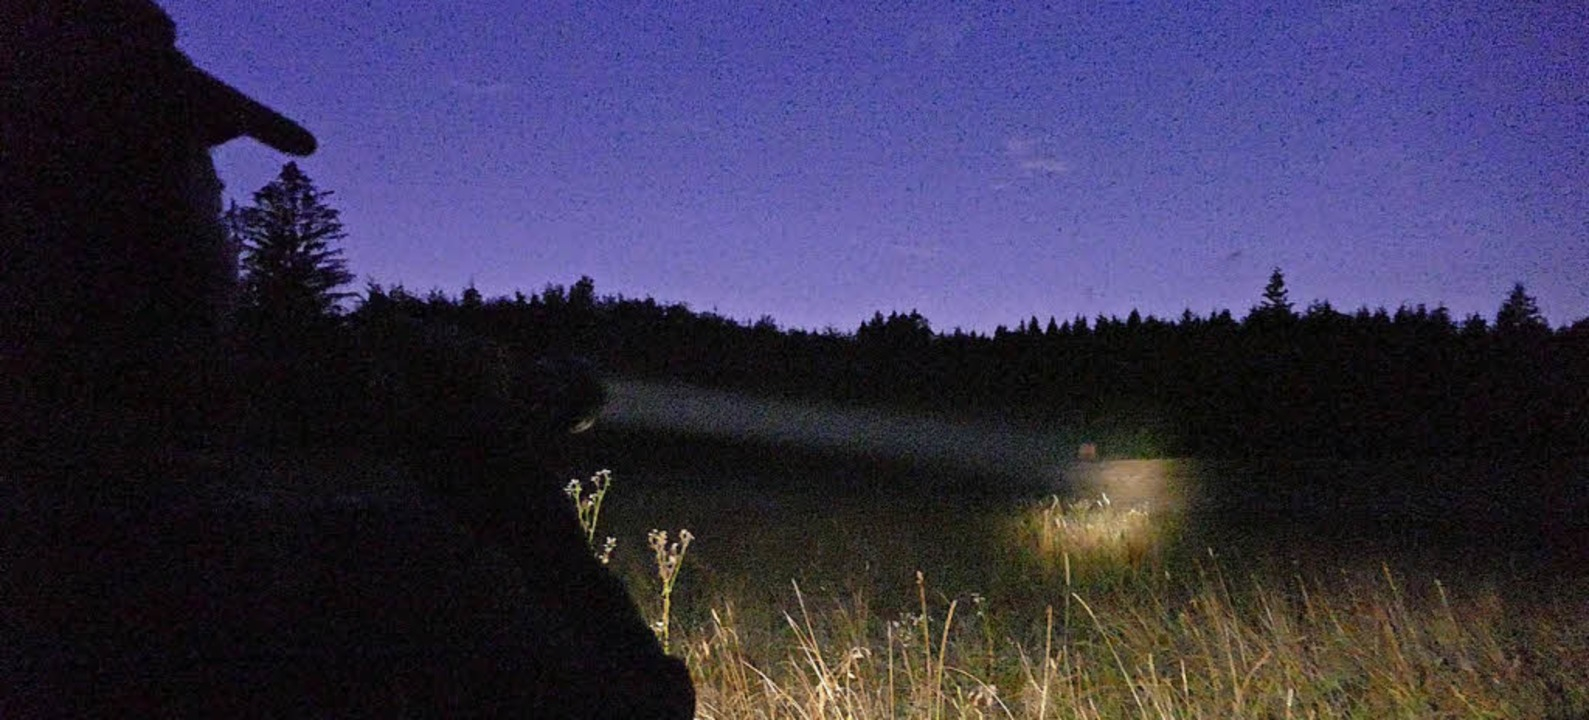 Wenn es zu dunkel ist, wird das Jagen selbst mit Taschenlampe unmöglich.  | Foto: Jannik Jürgens